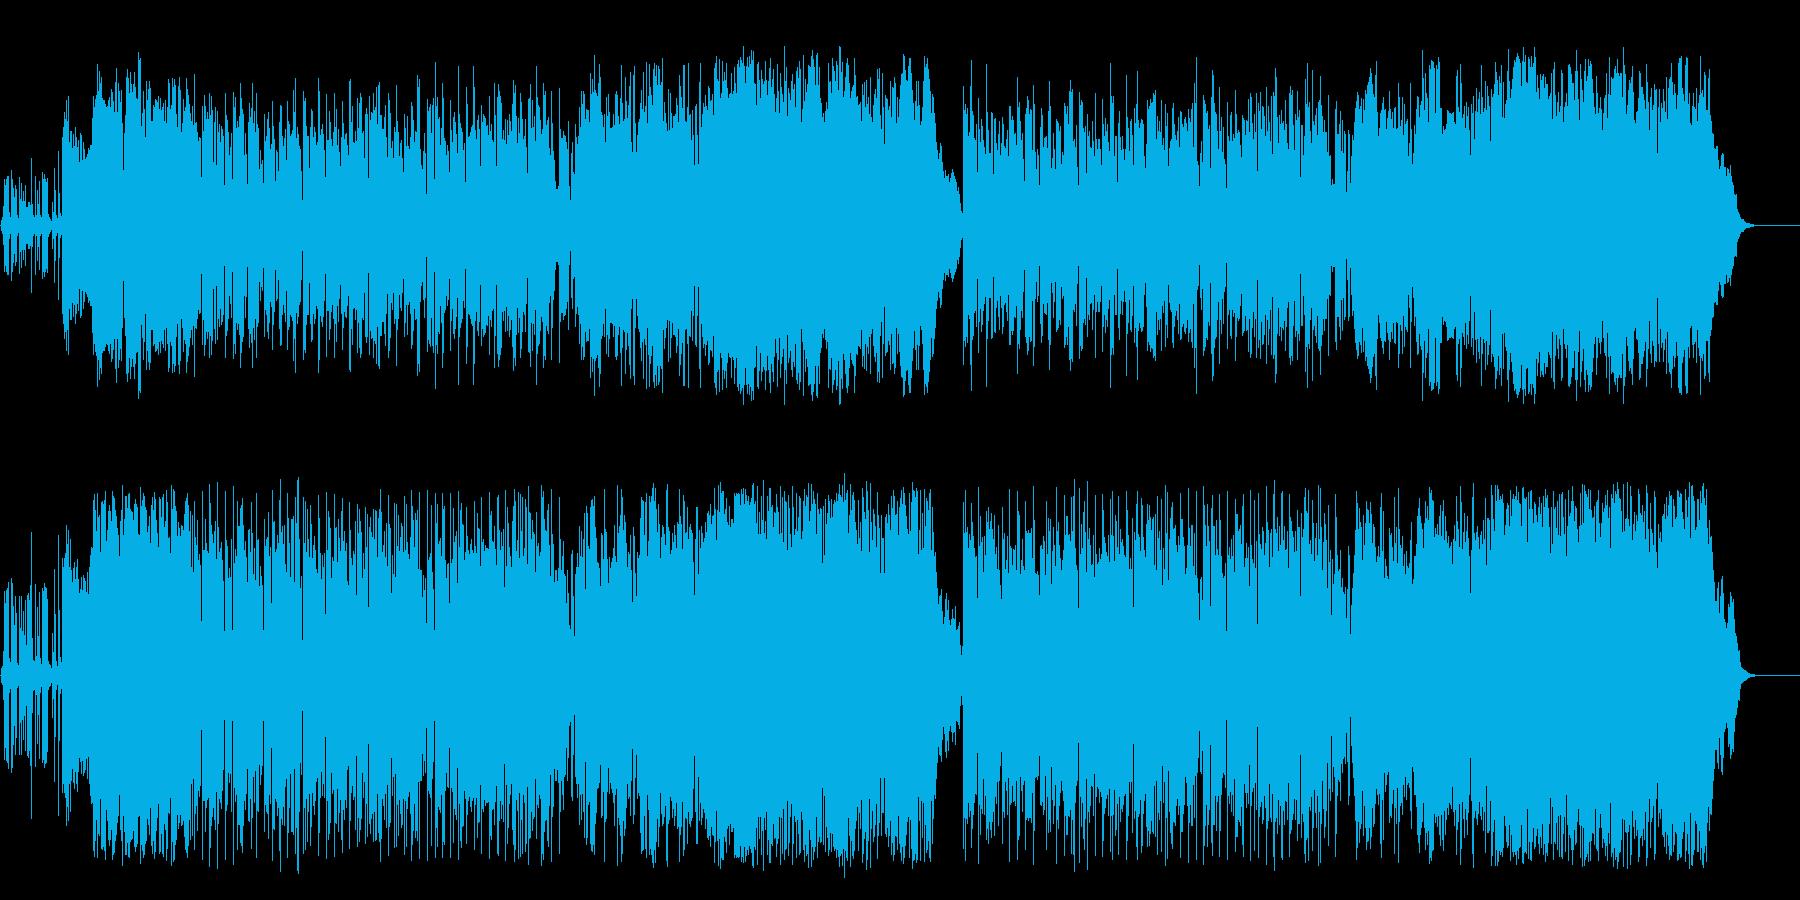 登場 行進 イベント オープニングの再生済みの波形